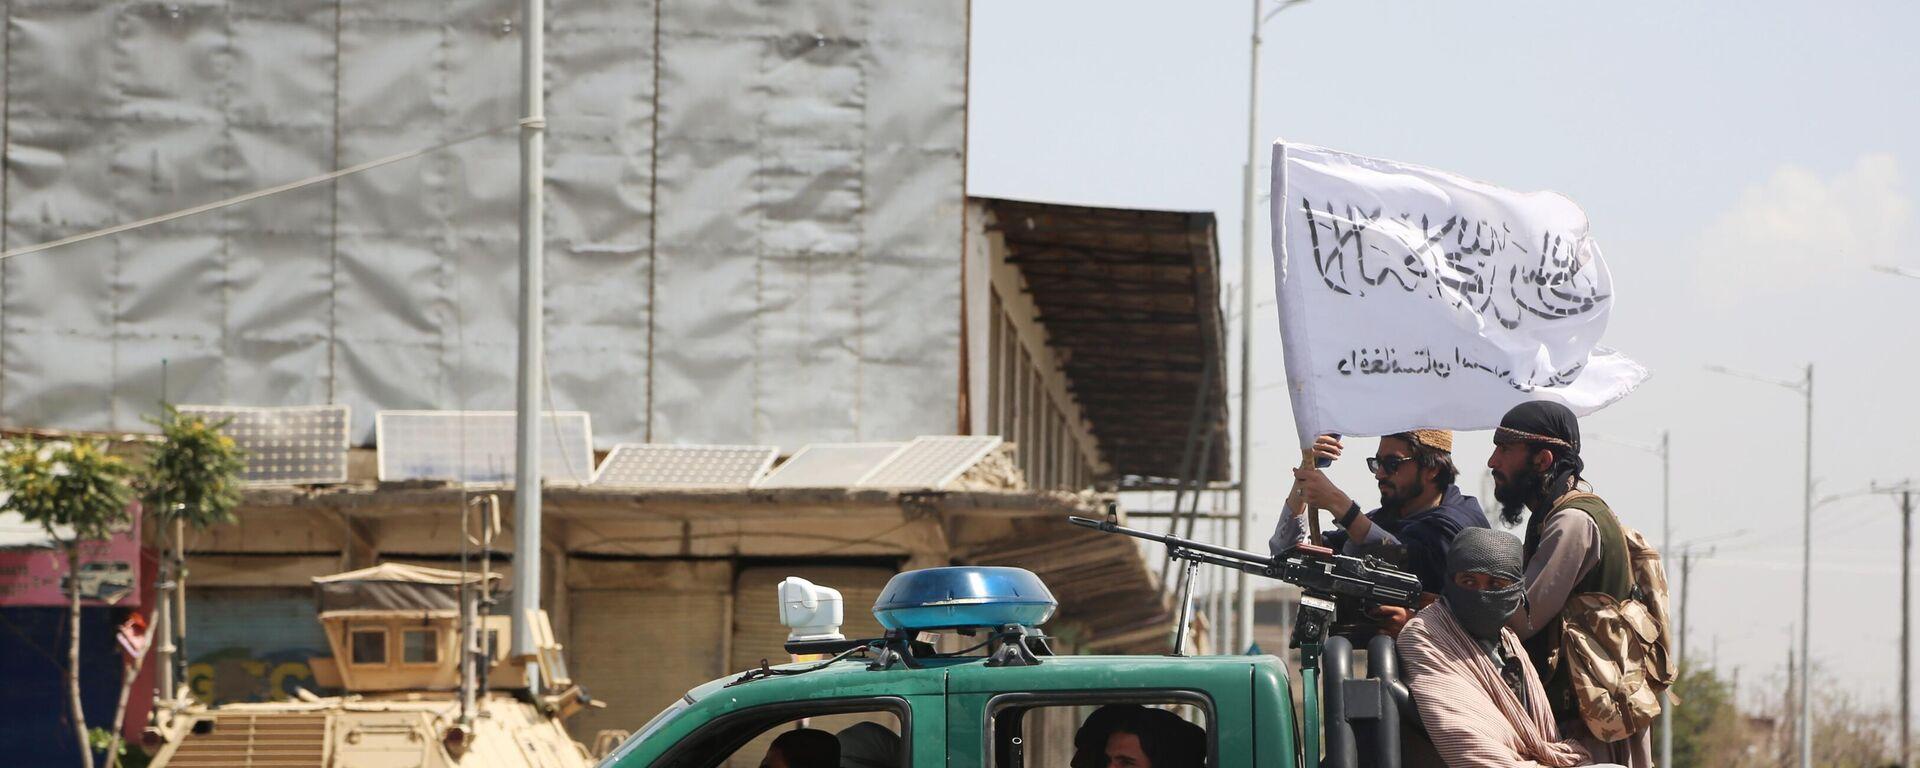 Боевики движения Талибан (террористическая организация, запрещена в России) в Кабуле. Талибы (террористическая организация, запрещена в России) взяли под свой контроль Кабул, столицу Афганистана. - Sputnik Таджикистан, 1920, 06.09.2021